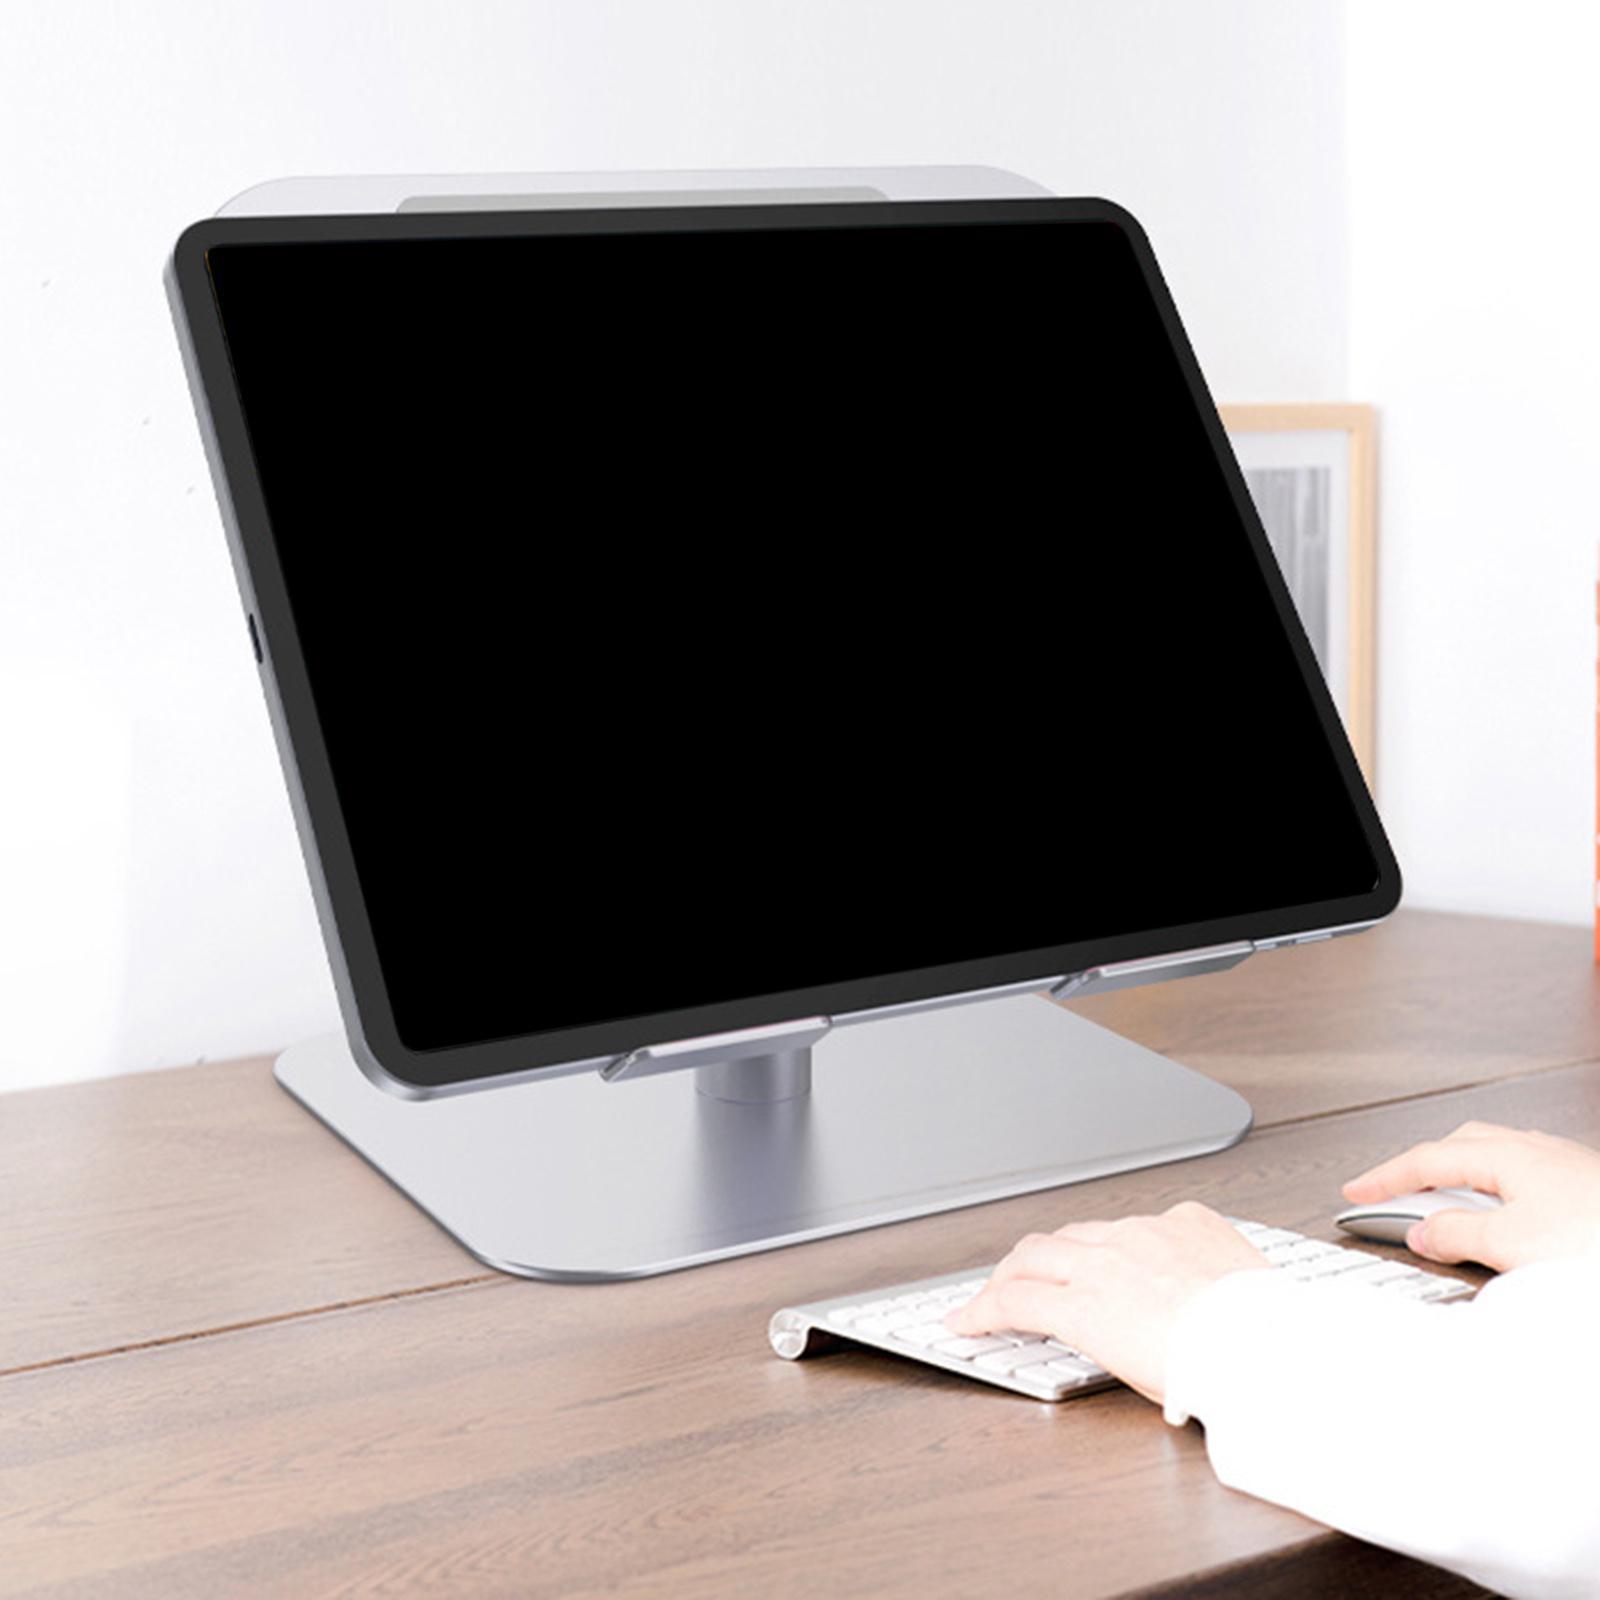 Indexbild 7 - Einstellbare Laptop Stand Halterung Portable Desktop PC Halter für Büro